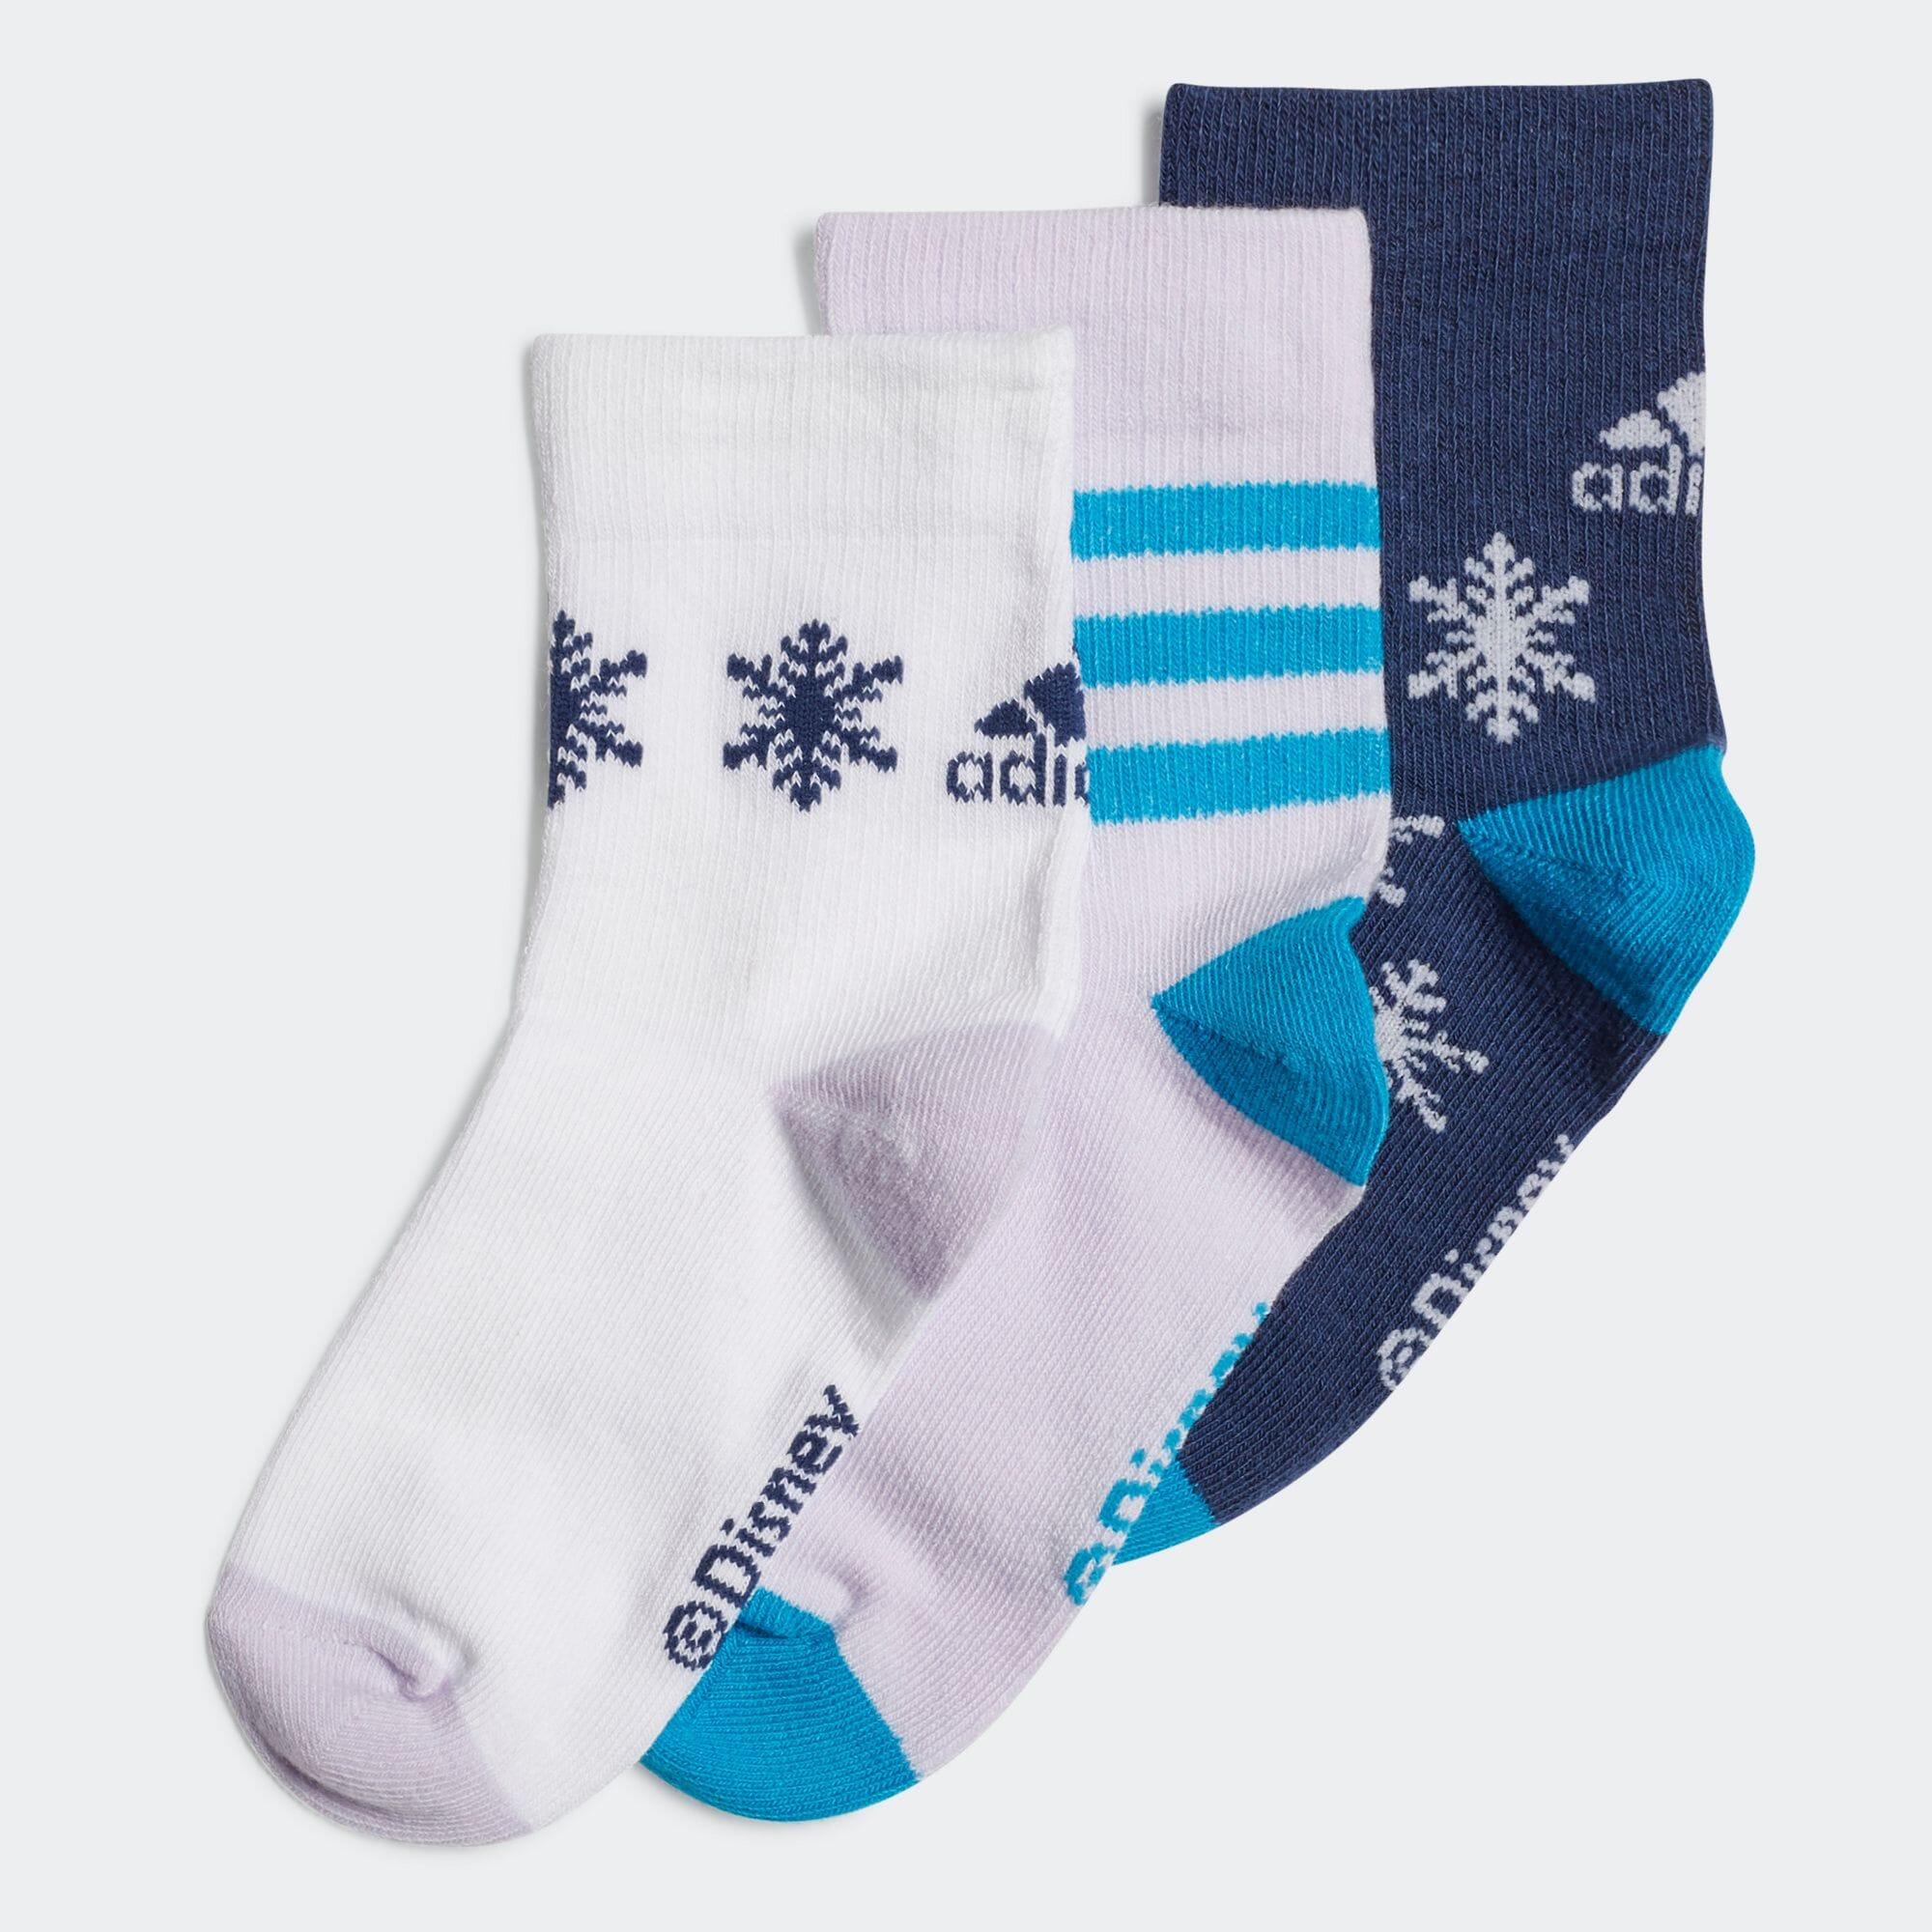 アナと雪の女王 クルーソックス3足組 / Frozen Crew Socks 3 Pairs